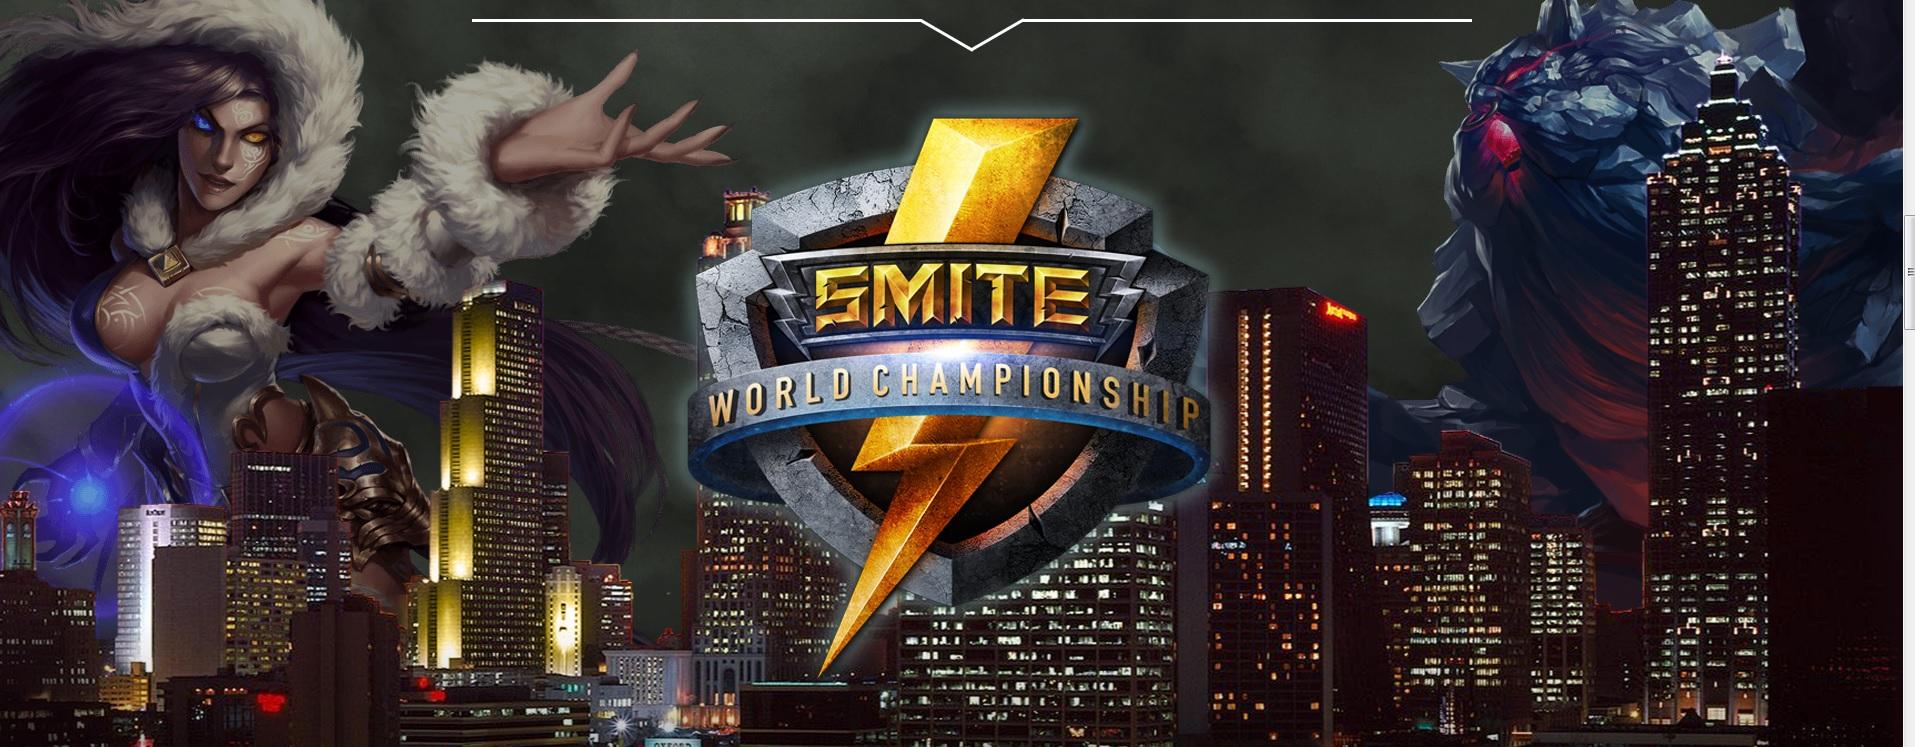 Photo of Smite World Championship are premii de 1,3 milioane de dolari